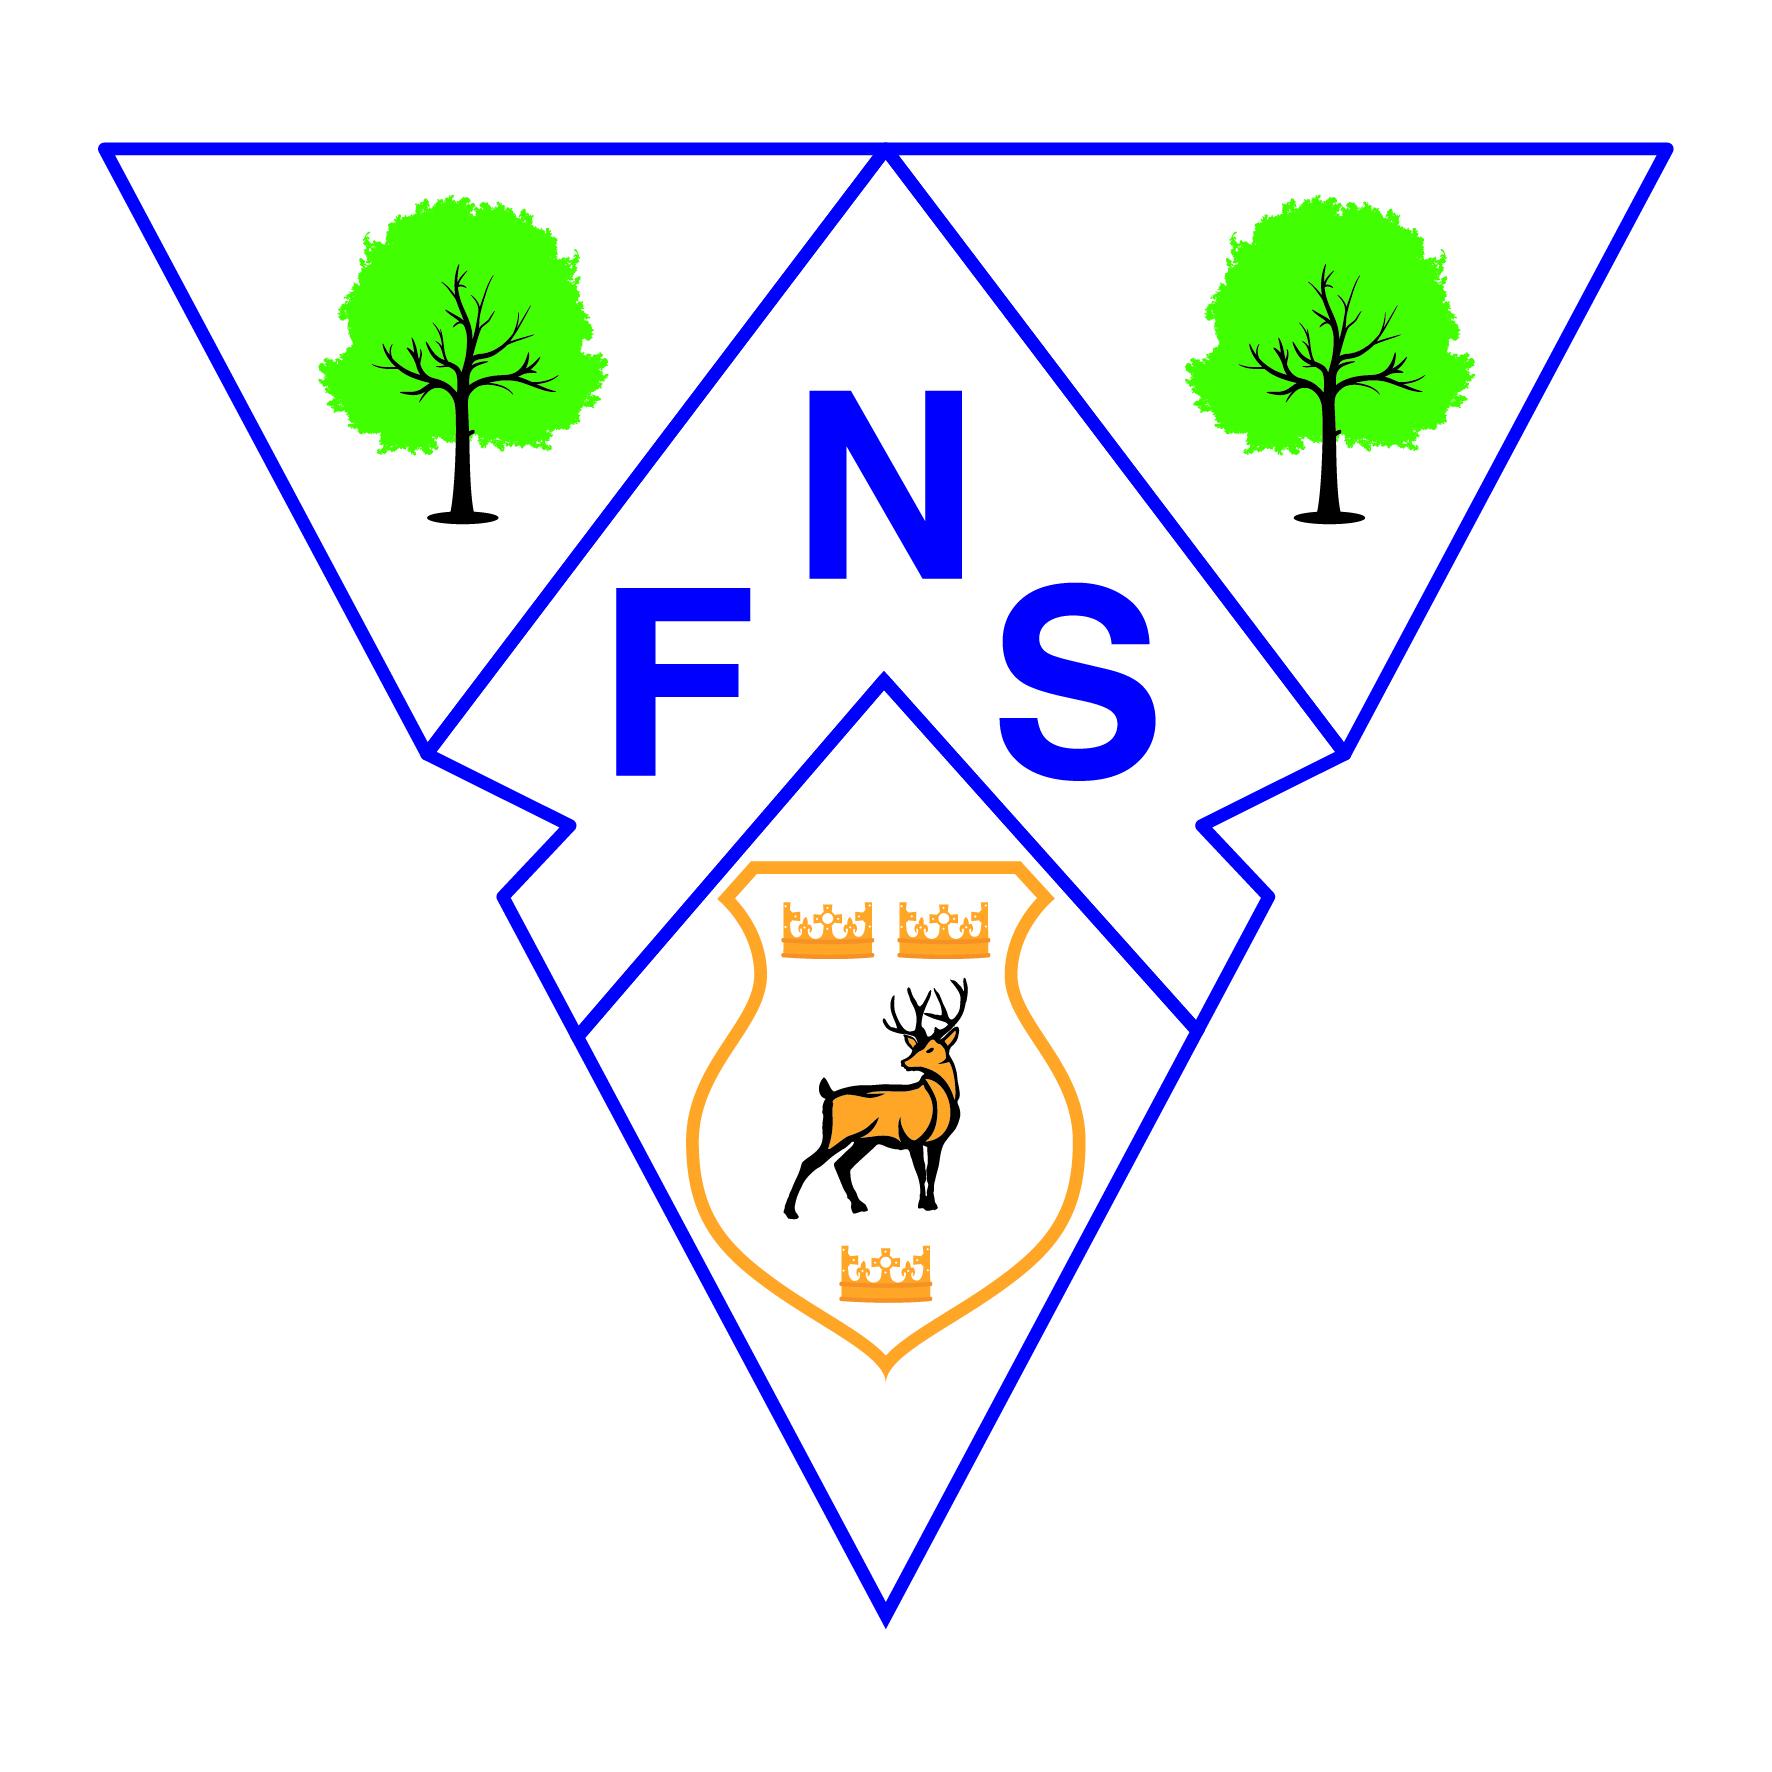 Fred Nicholson School